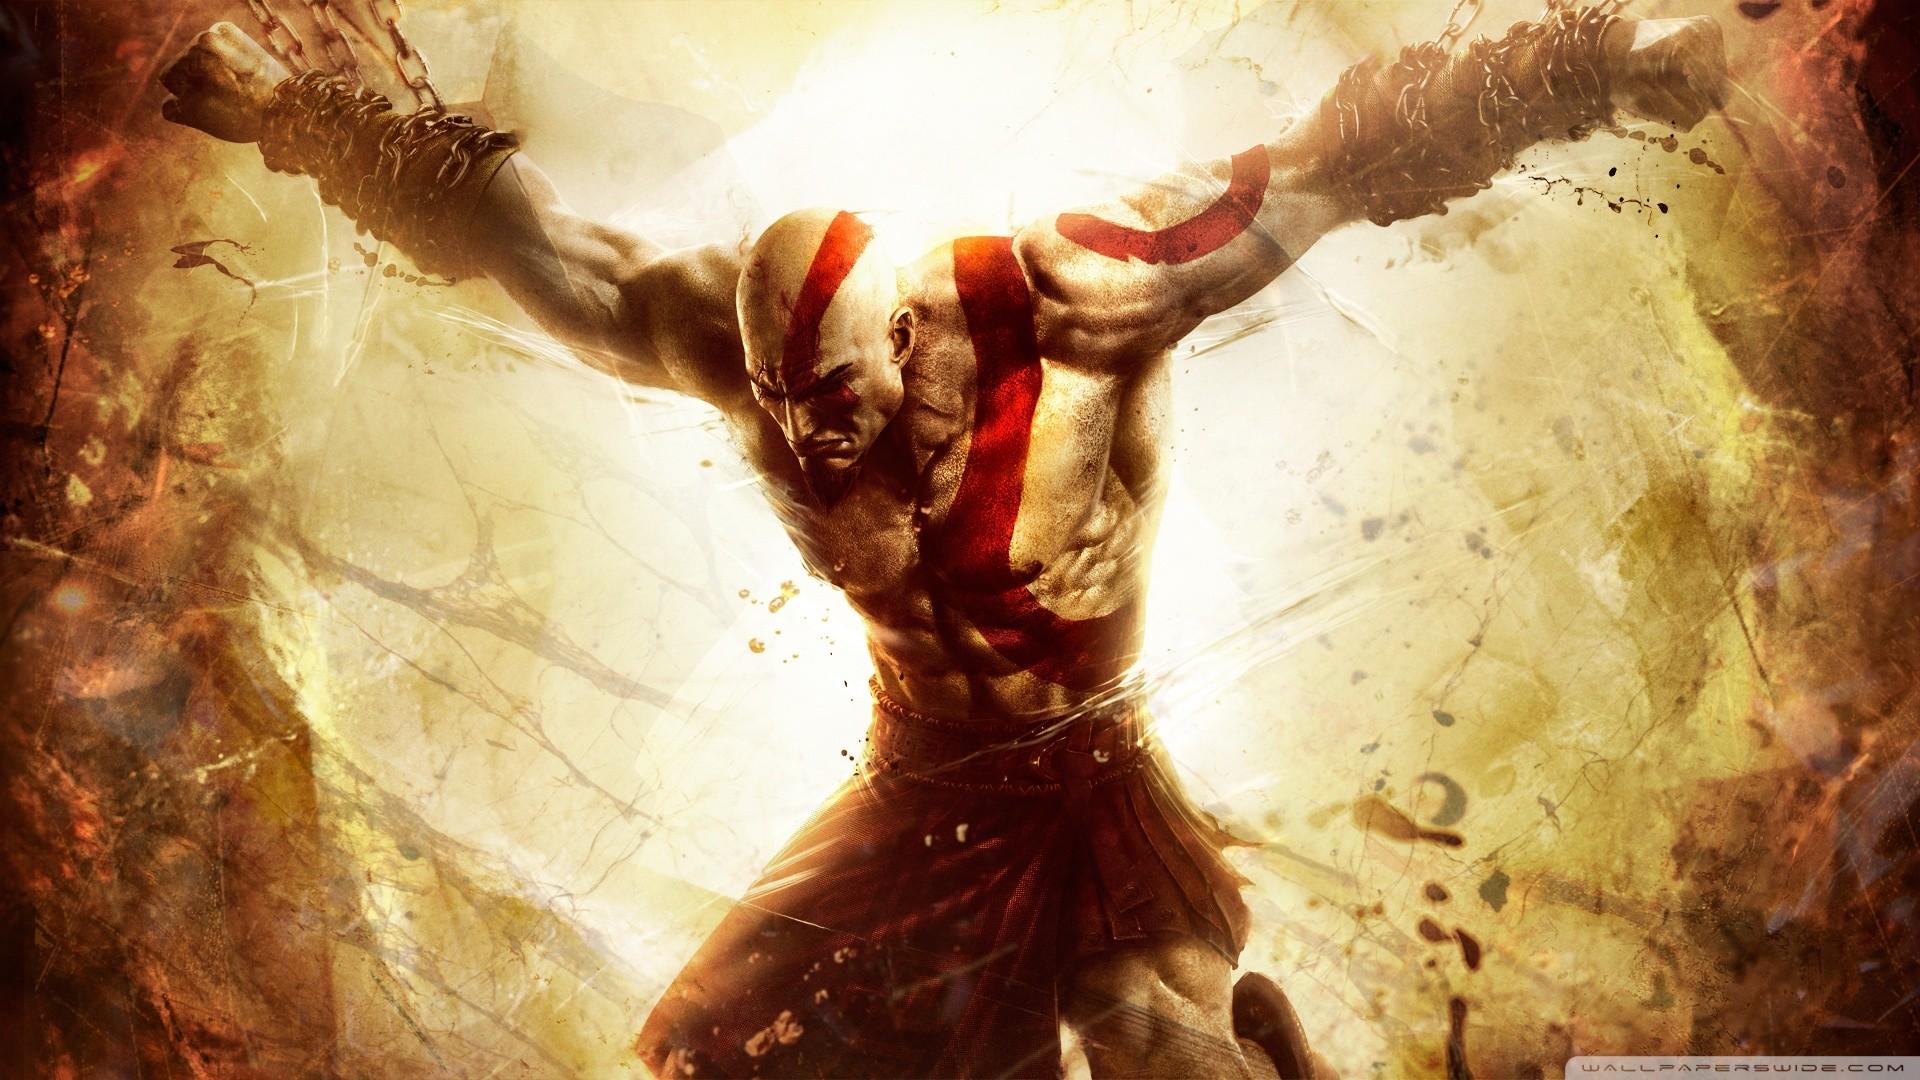 God Of War Wallpaper 82 Images